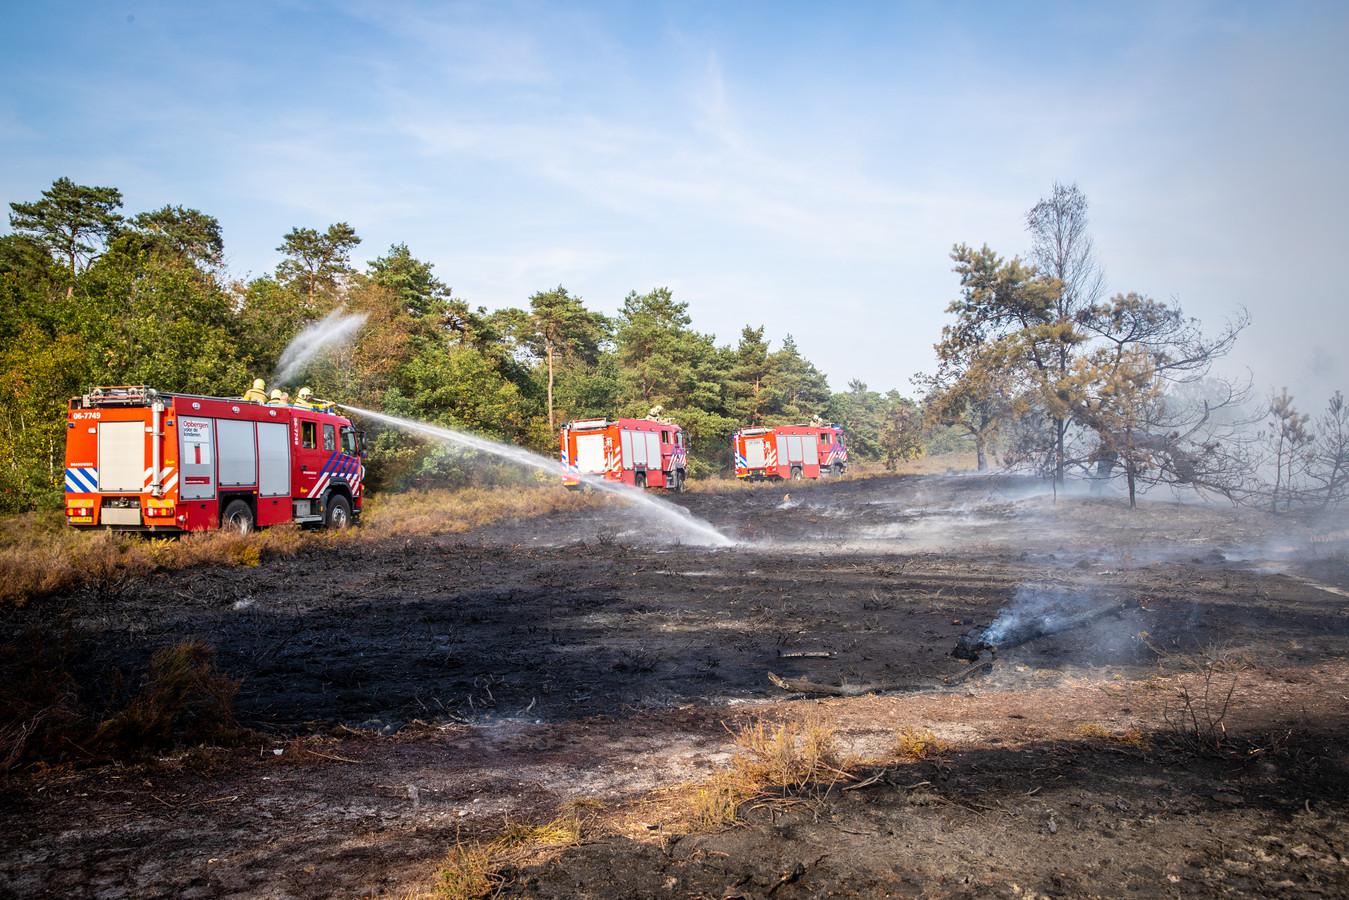 Onder andere de inzet om natuurbranden te bestrijden liep voor de brandweer in de papieren.